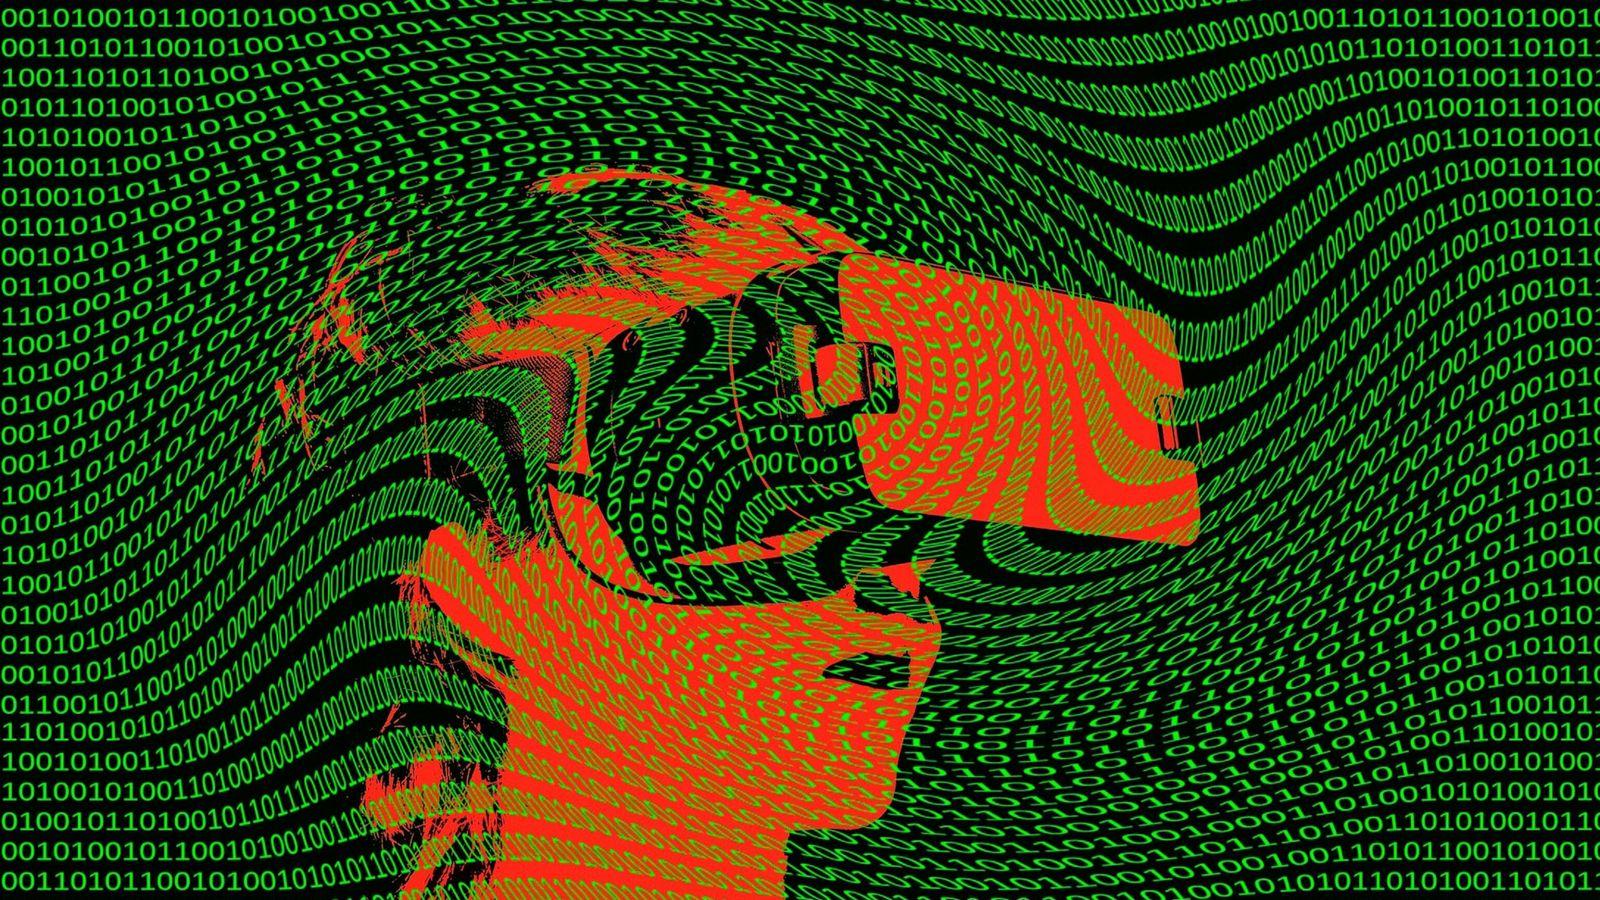 VR cybersickness